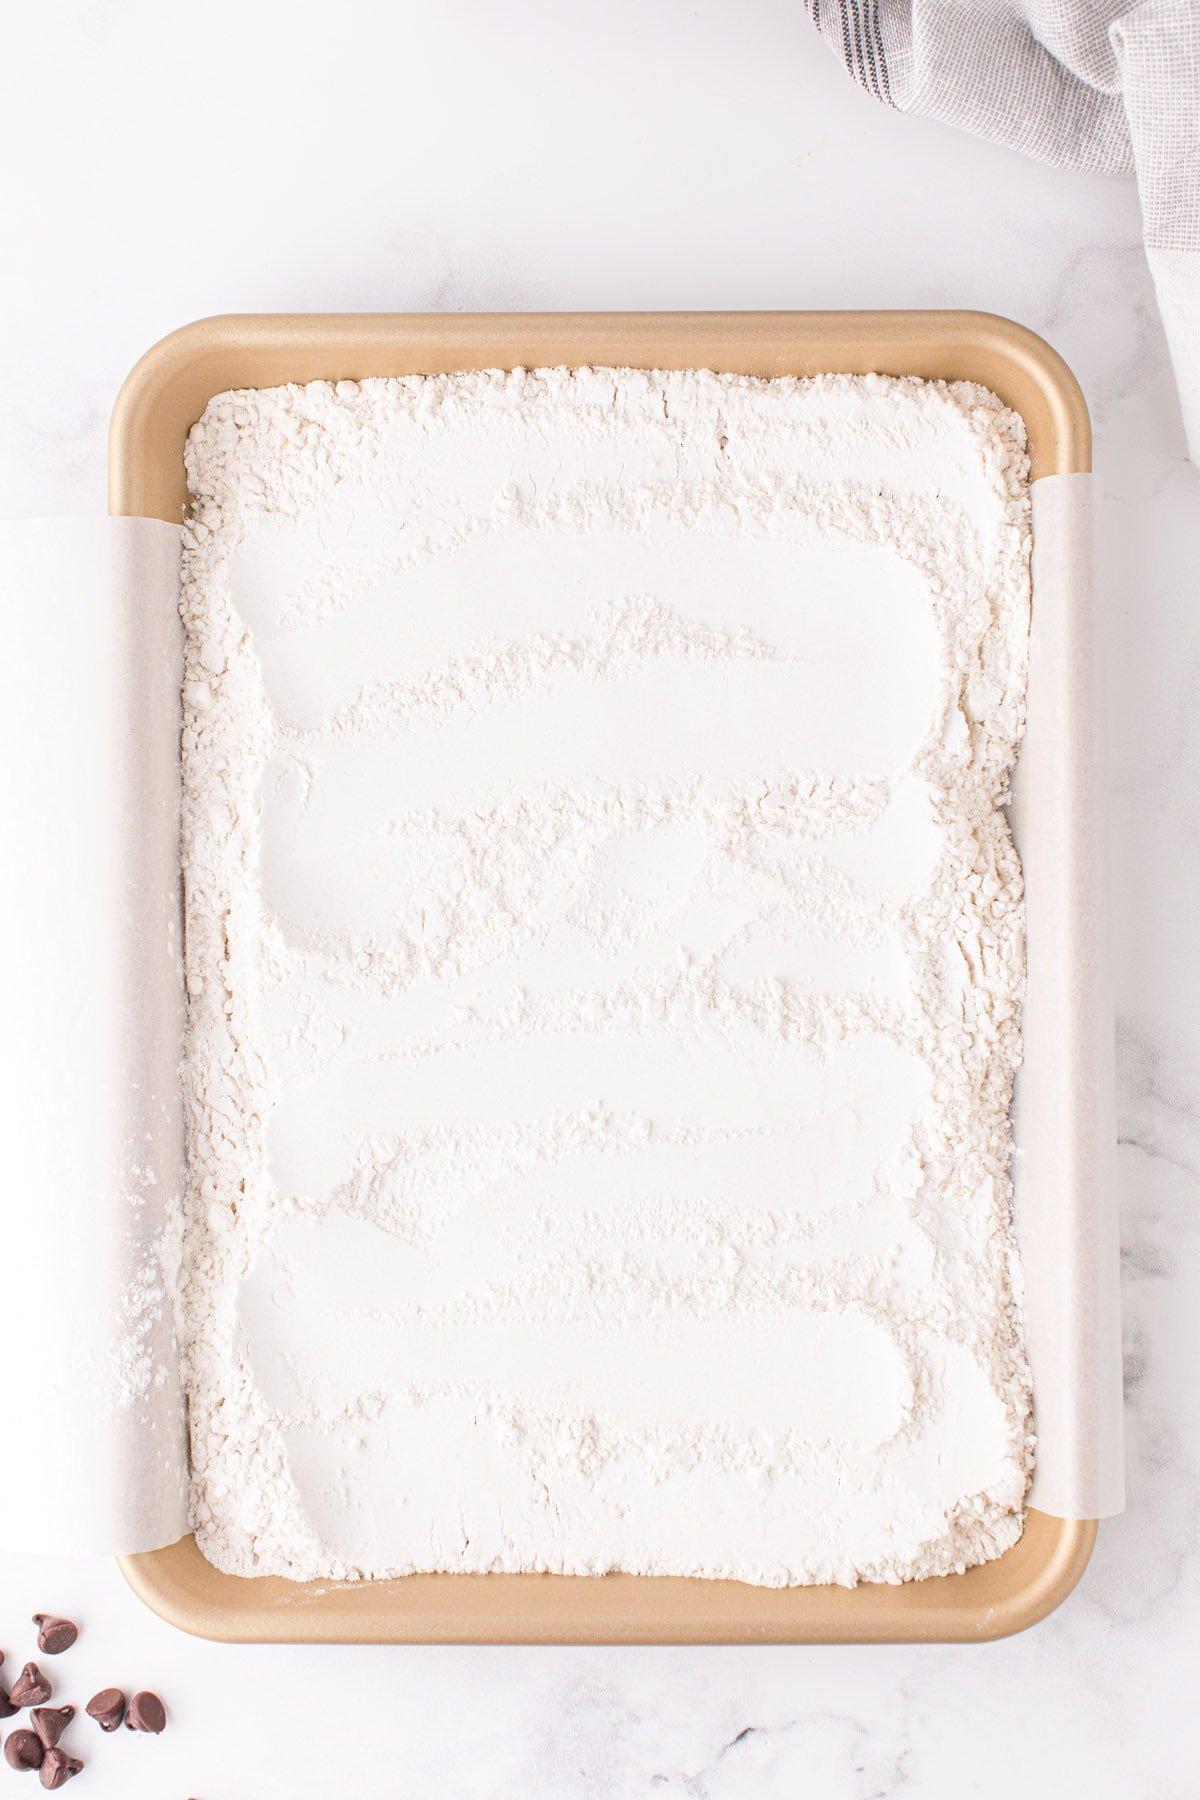 flour in baking pan